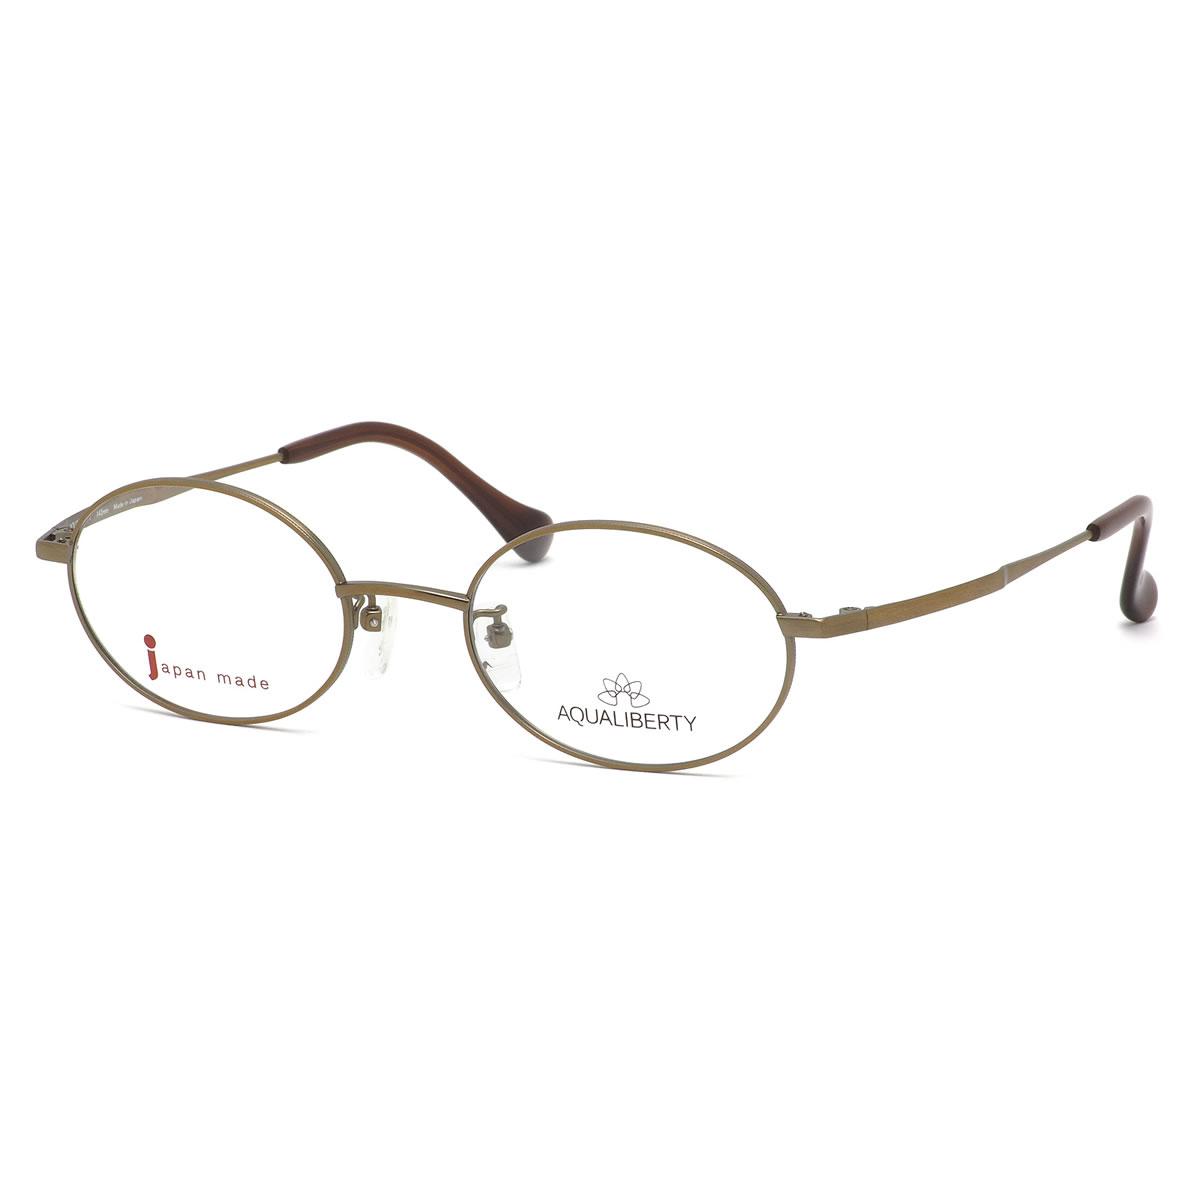 アクアリバティ AQUALIBERTY メガネ AQ22505 AG 50サイズ 日本製 メイドインジャパン MADE IN JAPAN オーバル クラシック ヴィンテージ レトロ シンプル 近視 乱視 遠視 老眼 伊達メガネレンズ無料 メンズ レディース